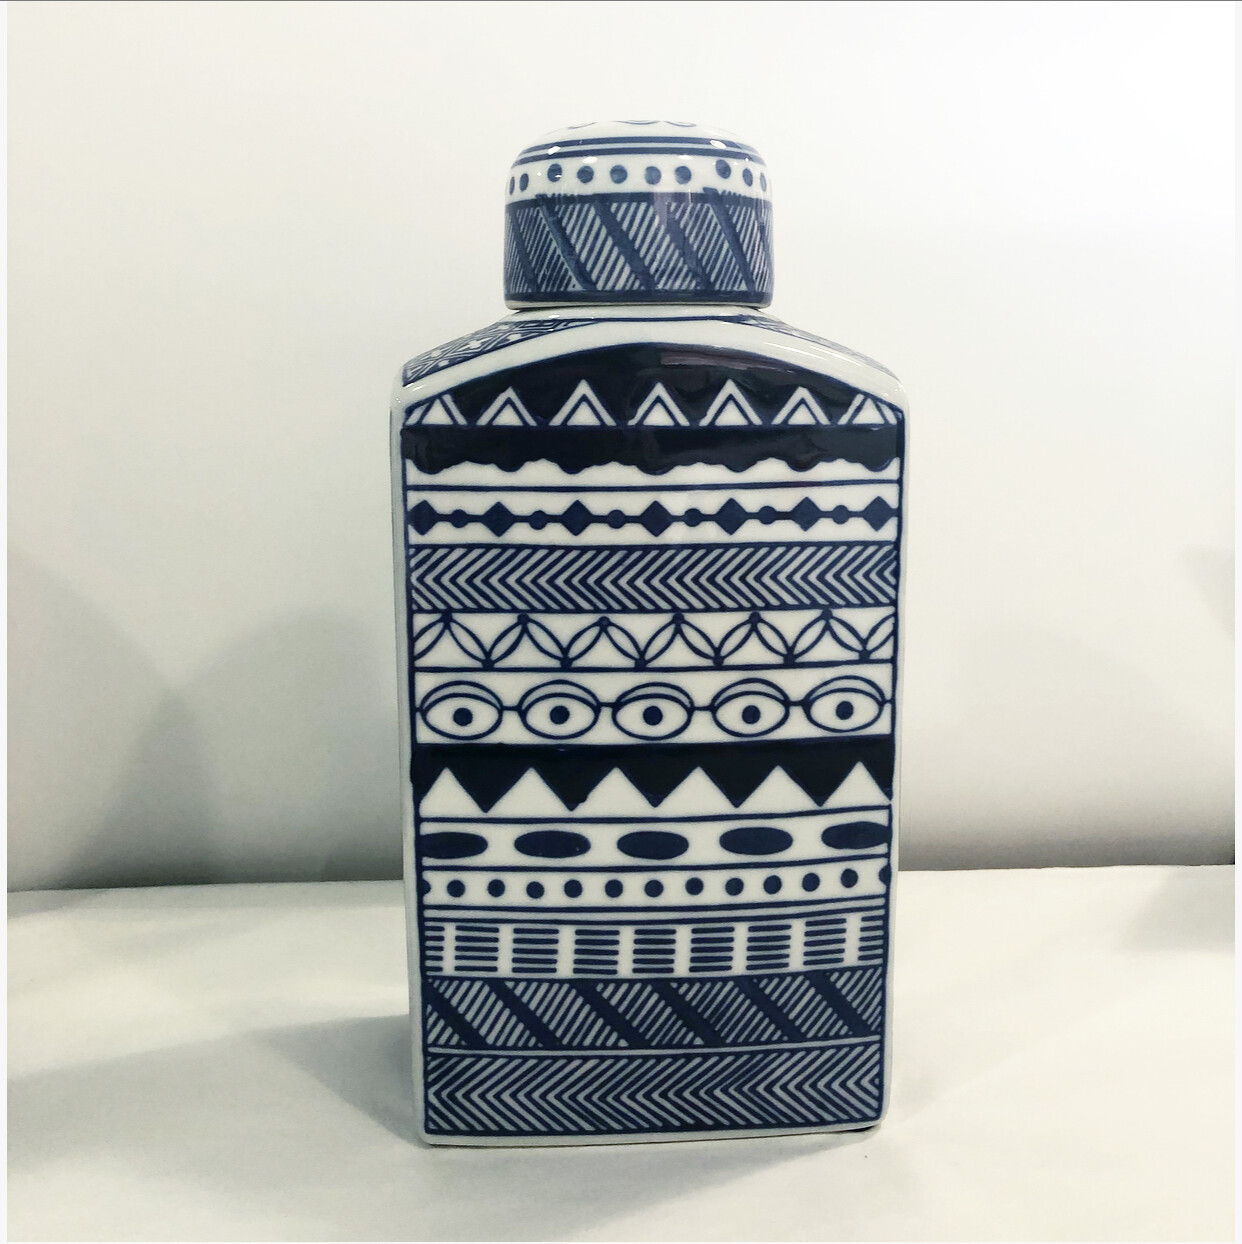 PURE-Dec. Ceramic  Vessel w. lid  20.5 x 7.5 x 5cm